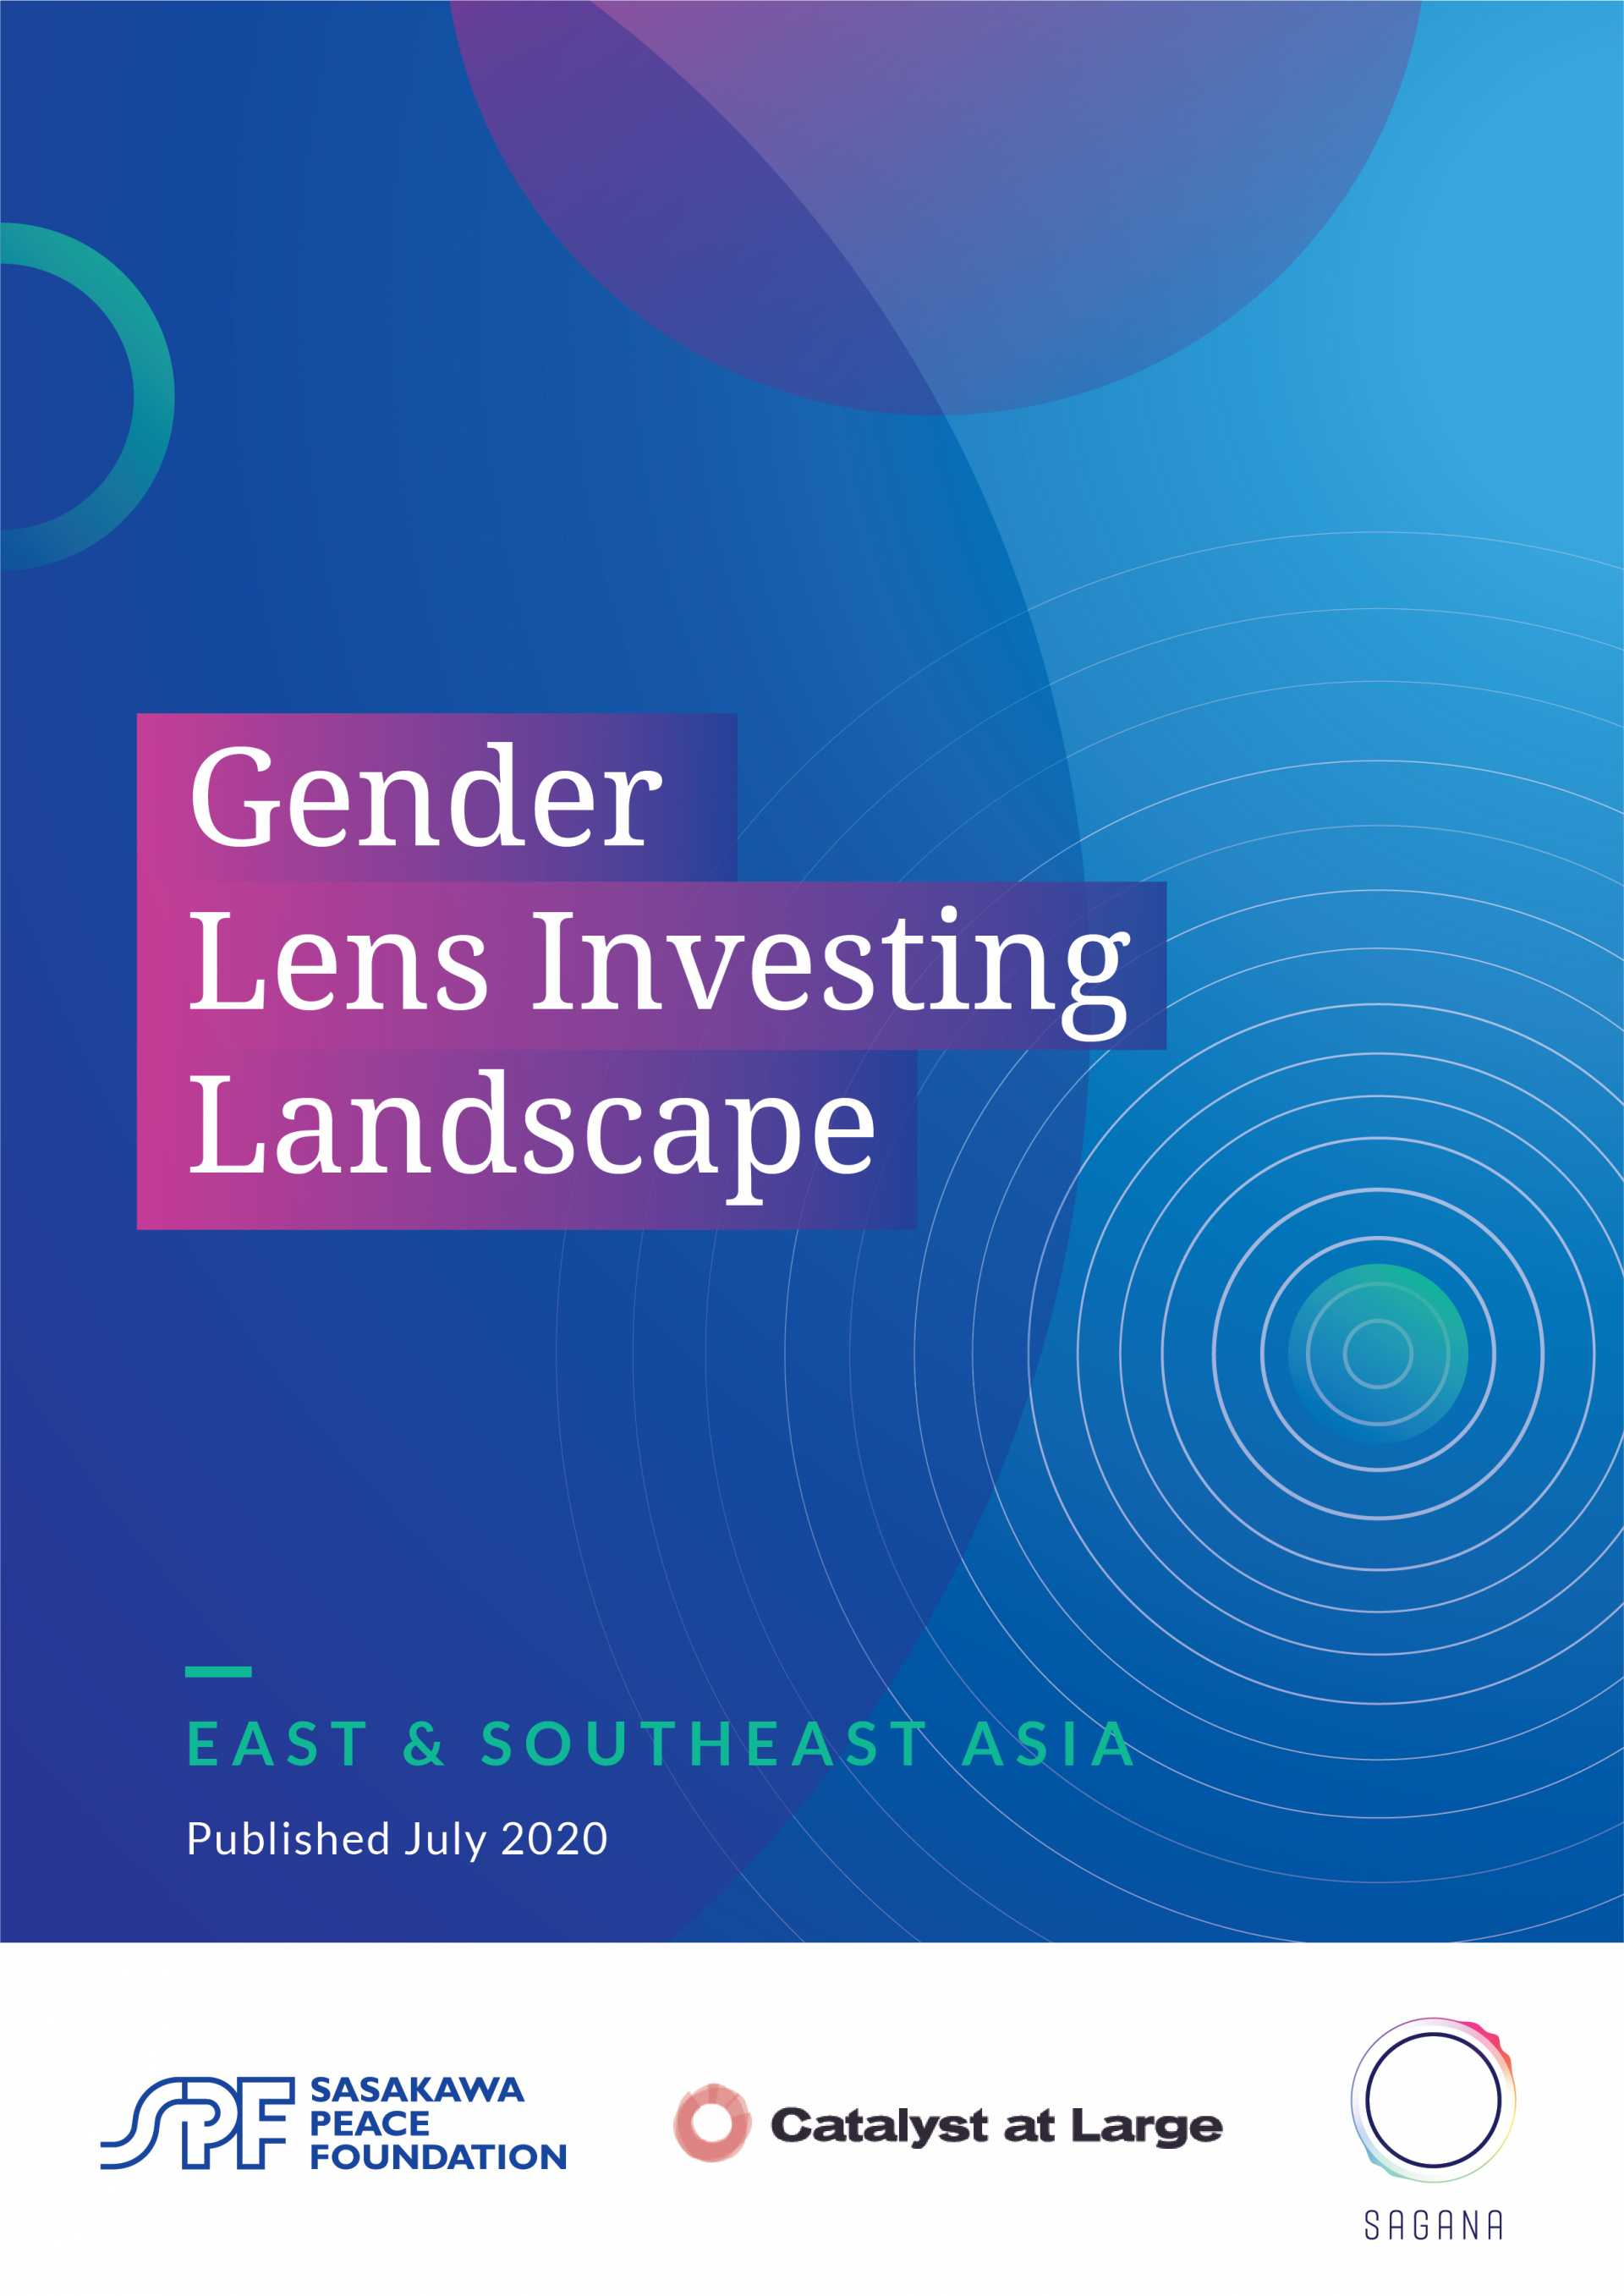 東・東南アジアにおけるジェンダー投資分析レポート